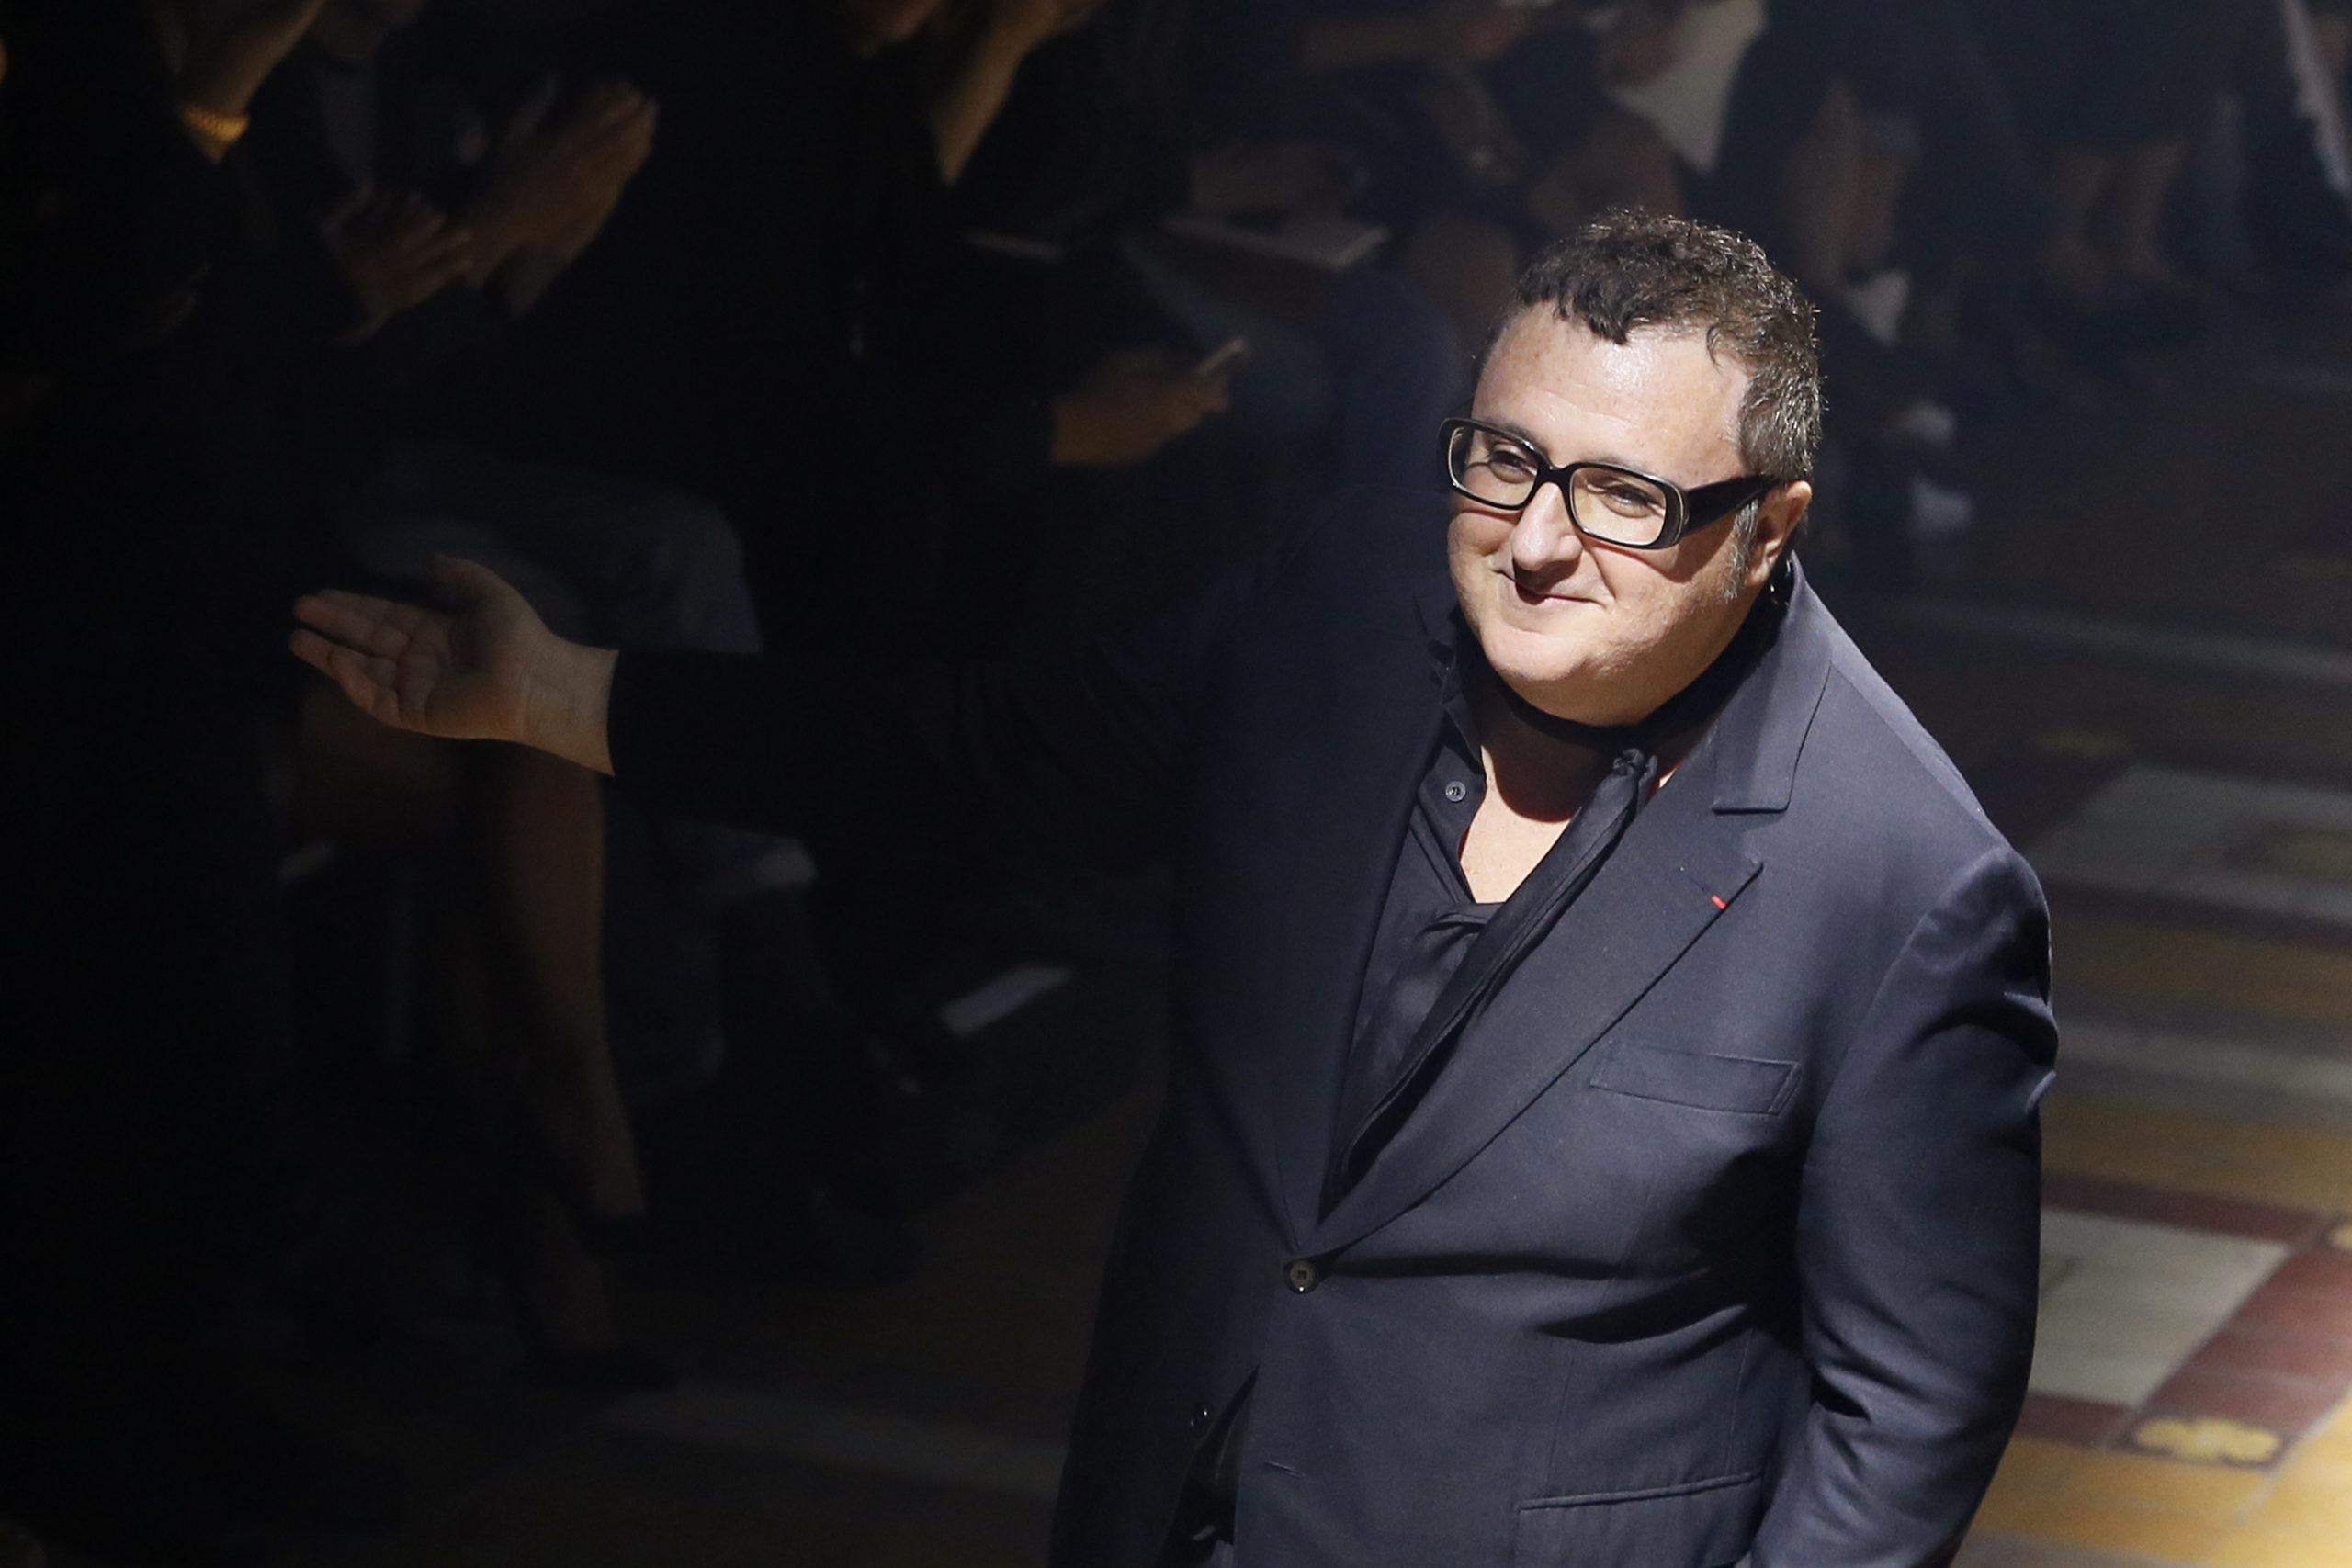 Designer Alber Elbaz Dies At 59 From Covid-19